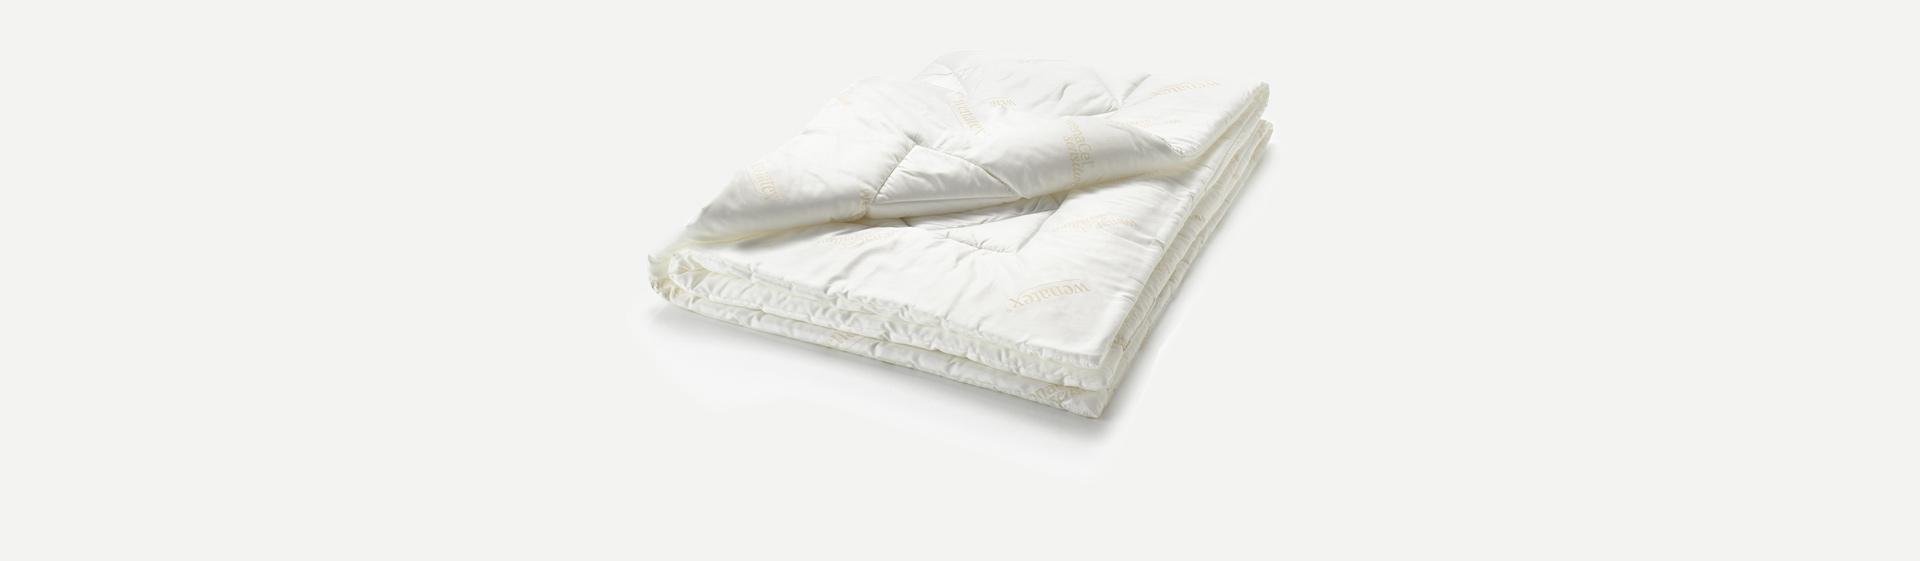 Besondere Eigenschaften der wenaCel® sensitive Sommer-Bettdecke